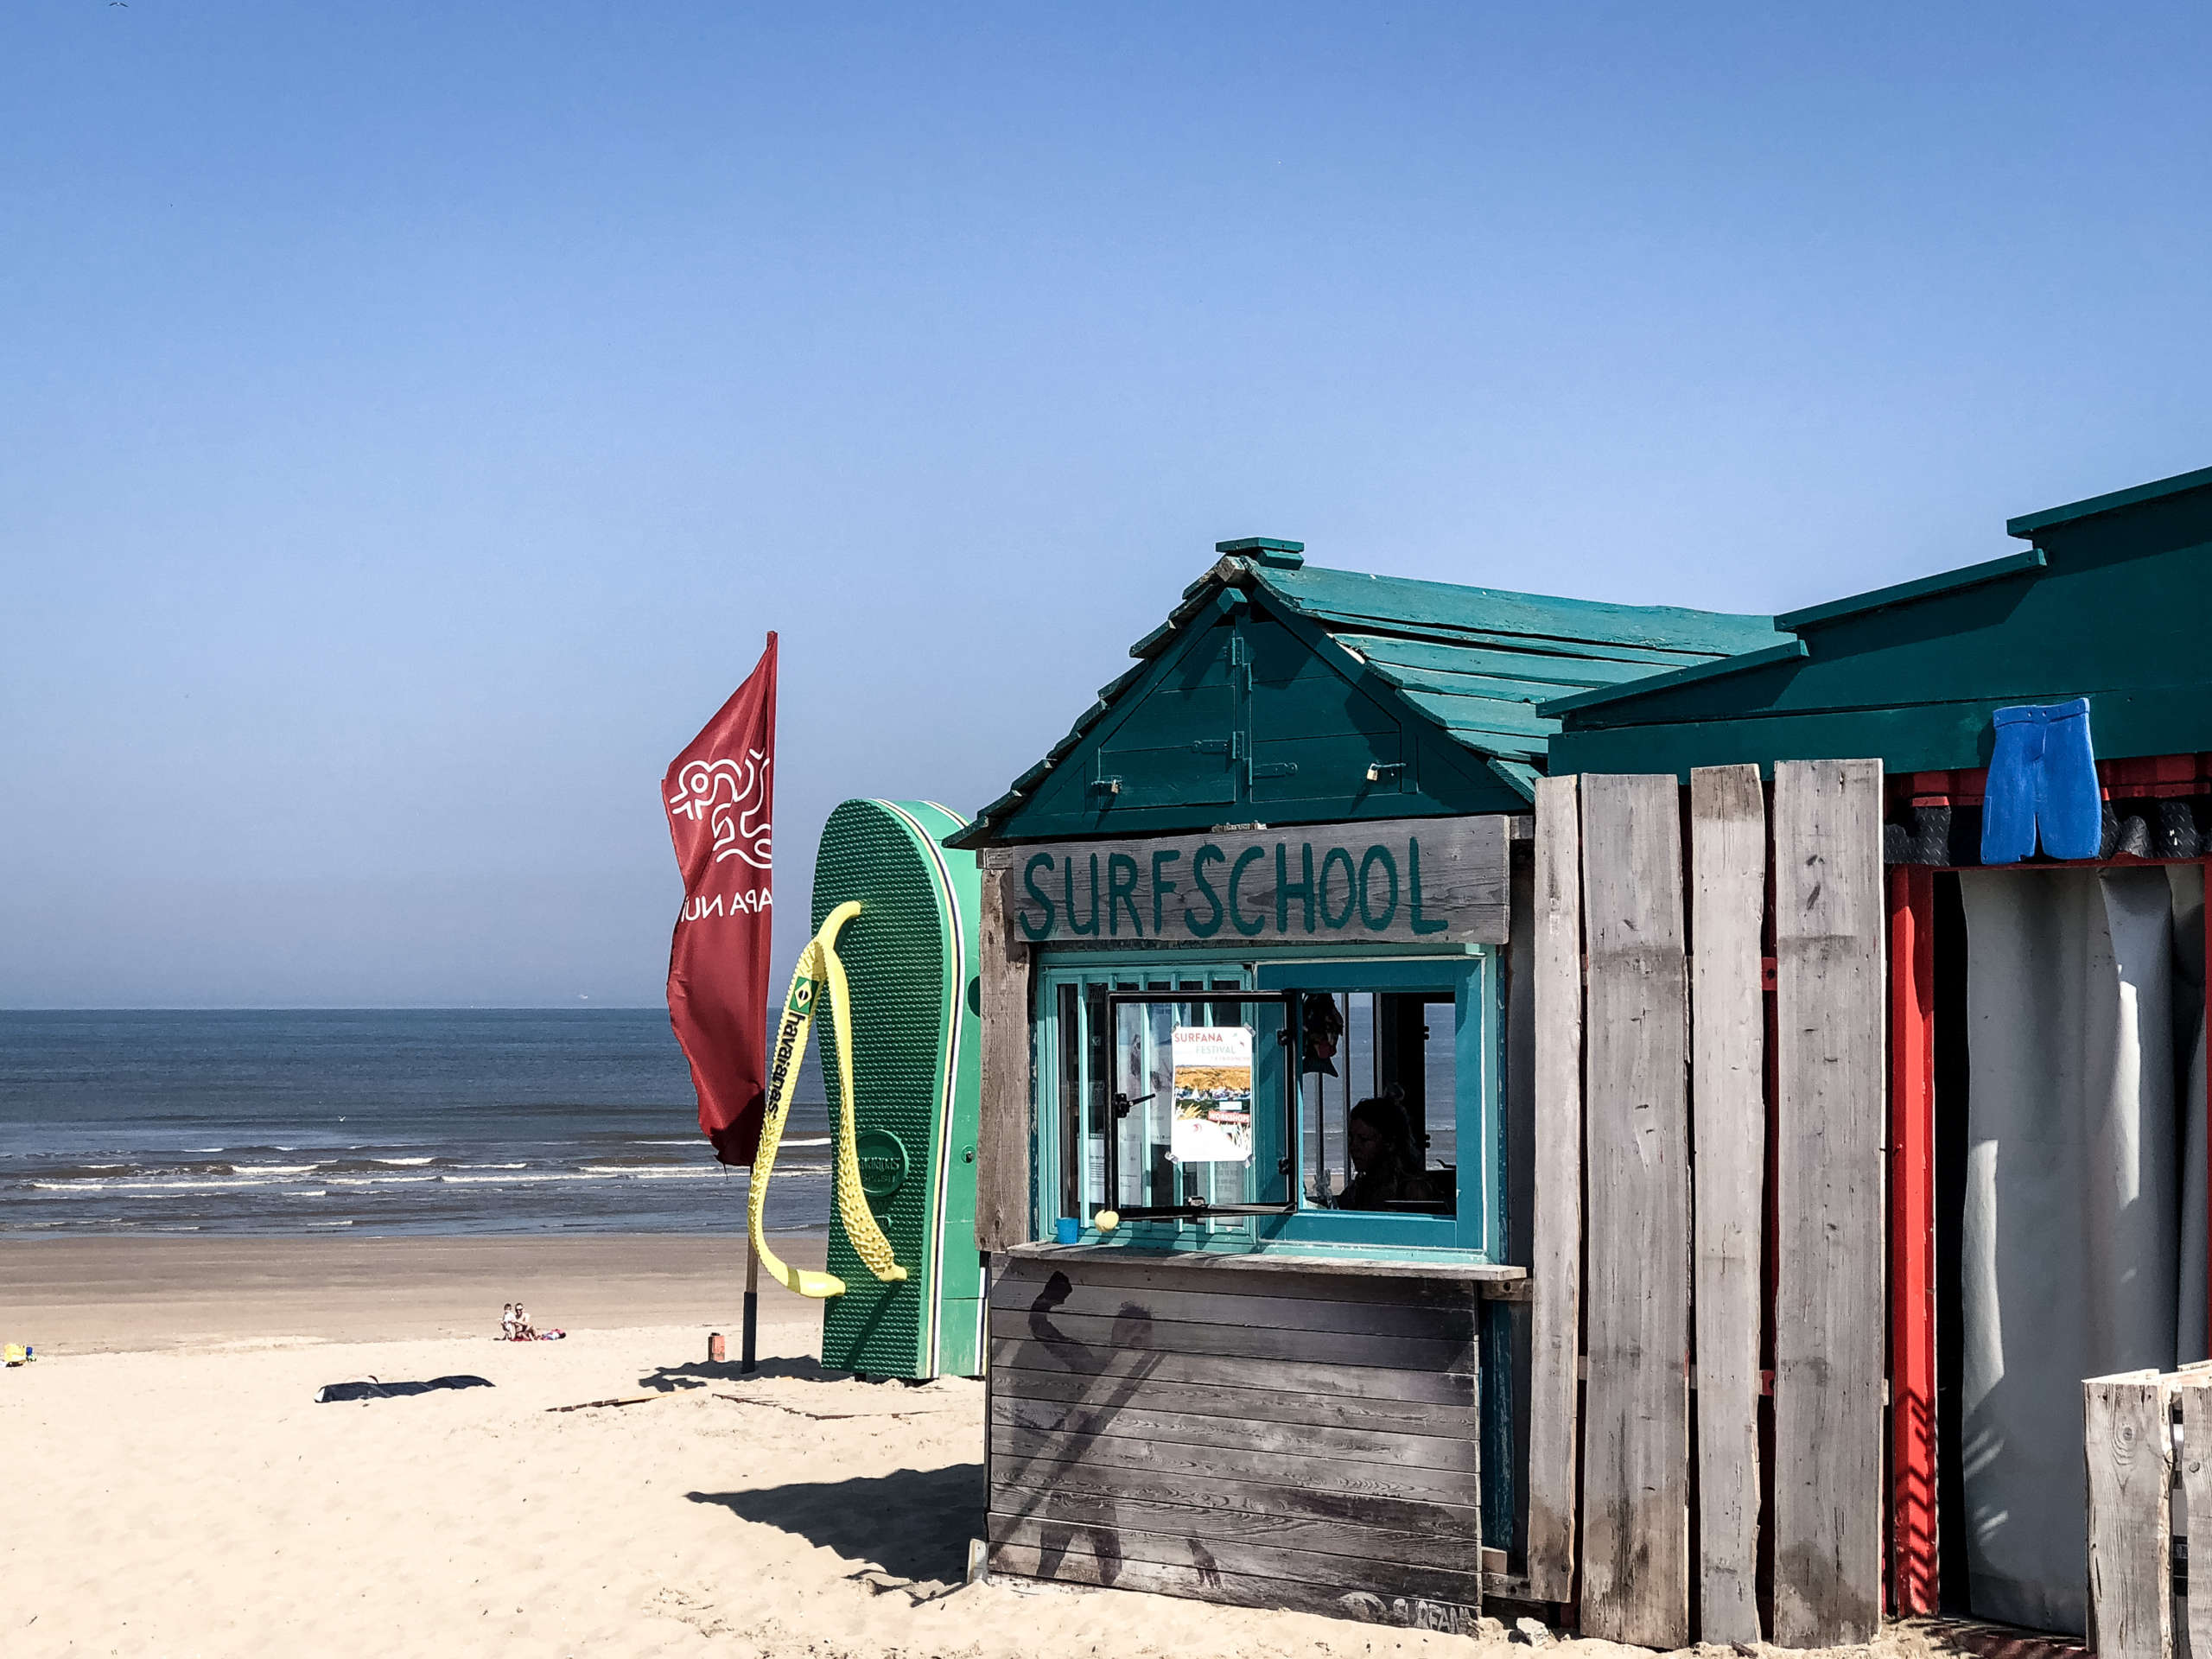 Surfschool Holzhütte am Strand mit Blick aufs Meer in den Niederlanden